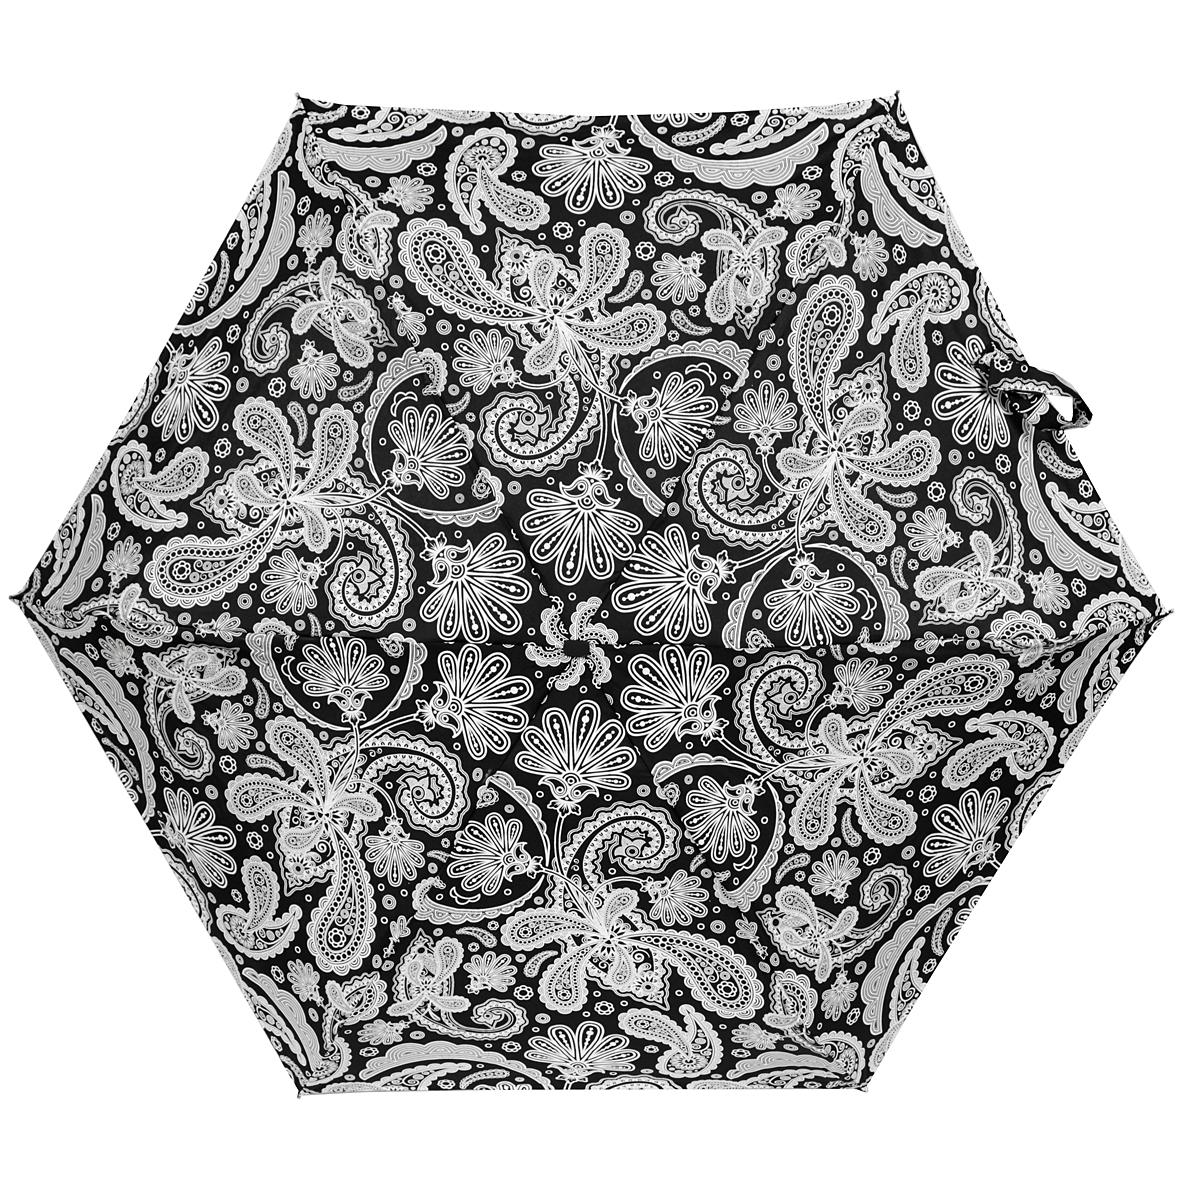 Зонт женский Zest, механический, 5 сложений, цвет: черный, белый. 25569-119125569-1191Прелестный механический зонт Zest в 5 сложений изготовлен из высокопрочных материалов. Каркас зонта состоит из 6 спиц и прочного алюминиевого стержня. Специальная система Windproof защищает его от поломок во время сильных порывов ветра. Купол зонта выполнен из прочного полиэстера с водоотталкивающей пропиткой и оформлен стильным орнаментом. Используемые высококачественные красители обеспечивают длительное сохранение свойств ткани купола. Рукоятка, разработанная с учетом требований эргономики, выполнена из пластика. Зонт механического сложения: купол открывается и закрывается вручную до характерного щелчка. Небольшой шнурок, расположенный на рукоятке, позволяет надеть изделие на руку при необходимости. Модель закрывается при помощи хлястика на застежку-липучку. К зонту прилагается чехол. Очаровательный зонт не только выручит вас в ненастную погоду, но и станет стильным аксессуаром, который прекрасно дополнит ваш модный образ.